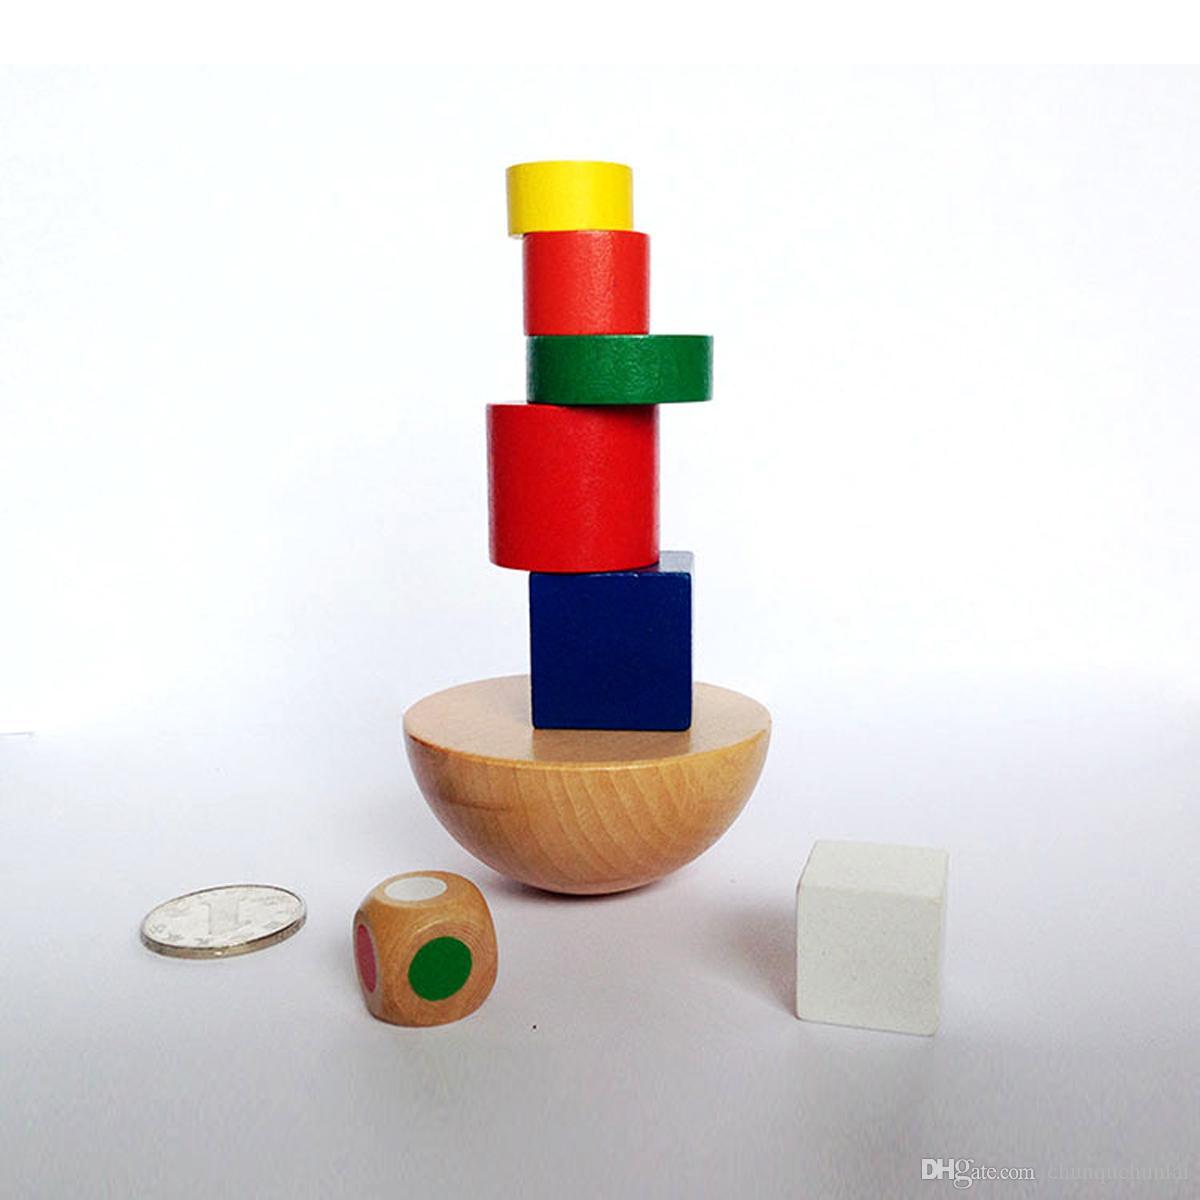 Crianças Brinquedos Blocos Geométricos De Madeira Crianças Equilíbrio Treinamento Jogo Montessori Inteligente Educacional EarlyToy Crianças Família Blocos de Jogo